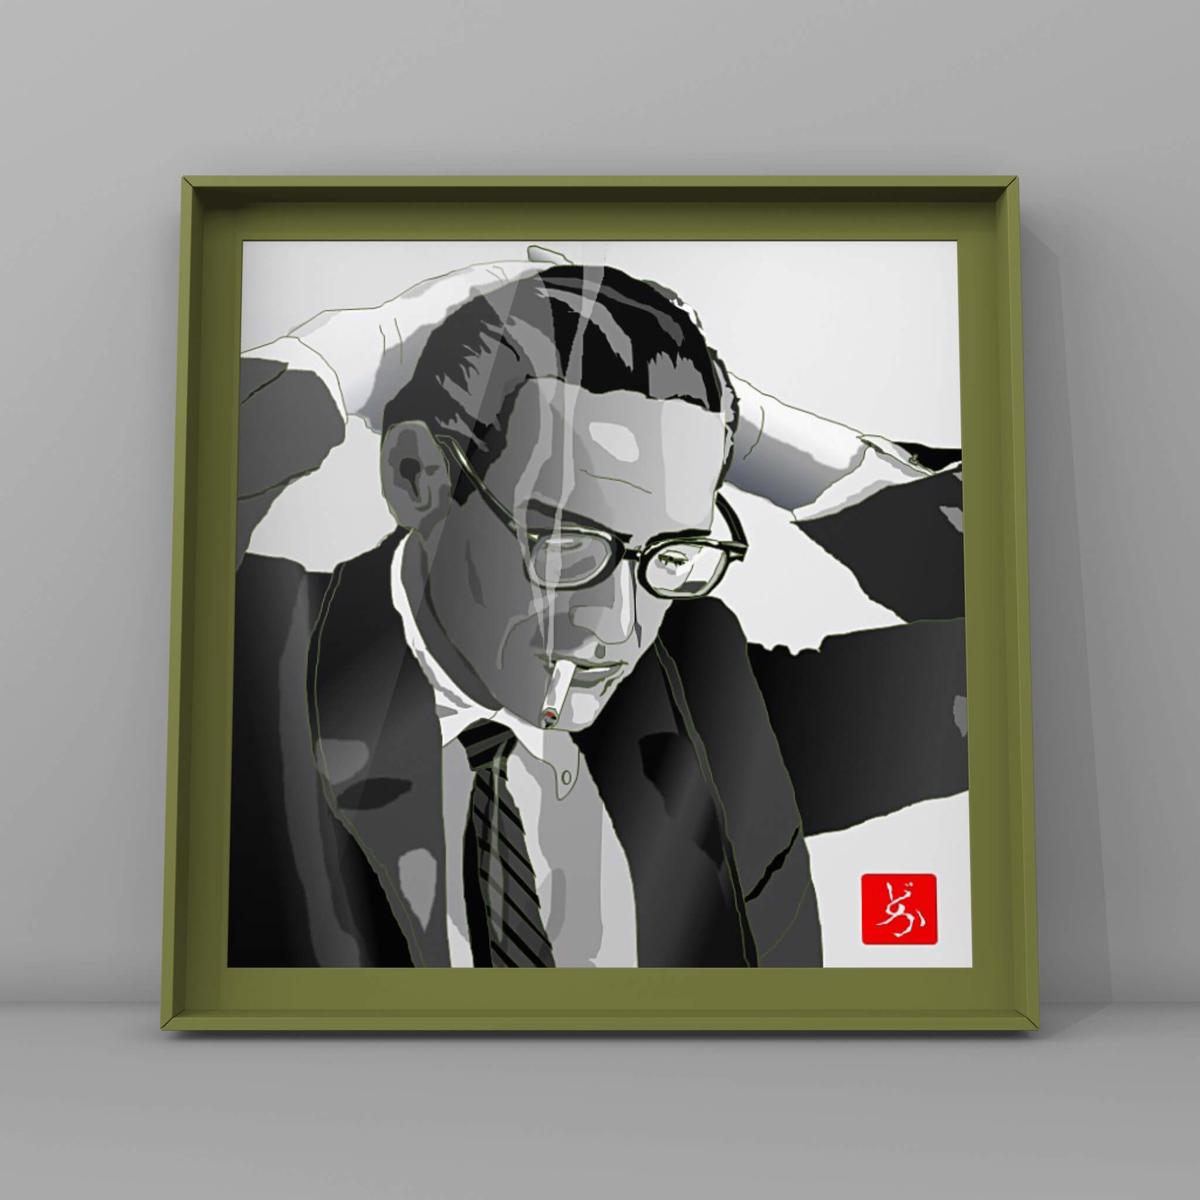 モダン・ジャズのピアニスト、ビル・エバンスのエクセル画イラスト額装版